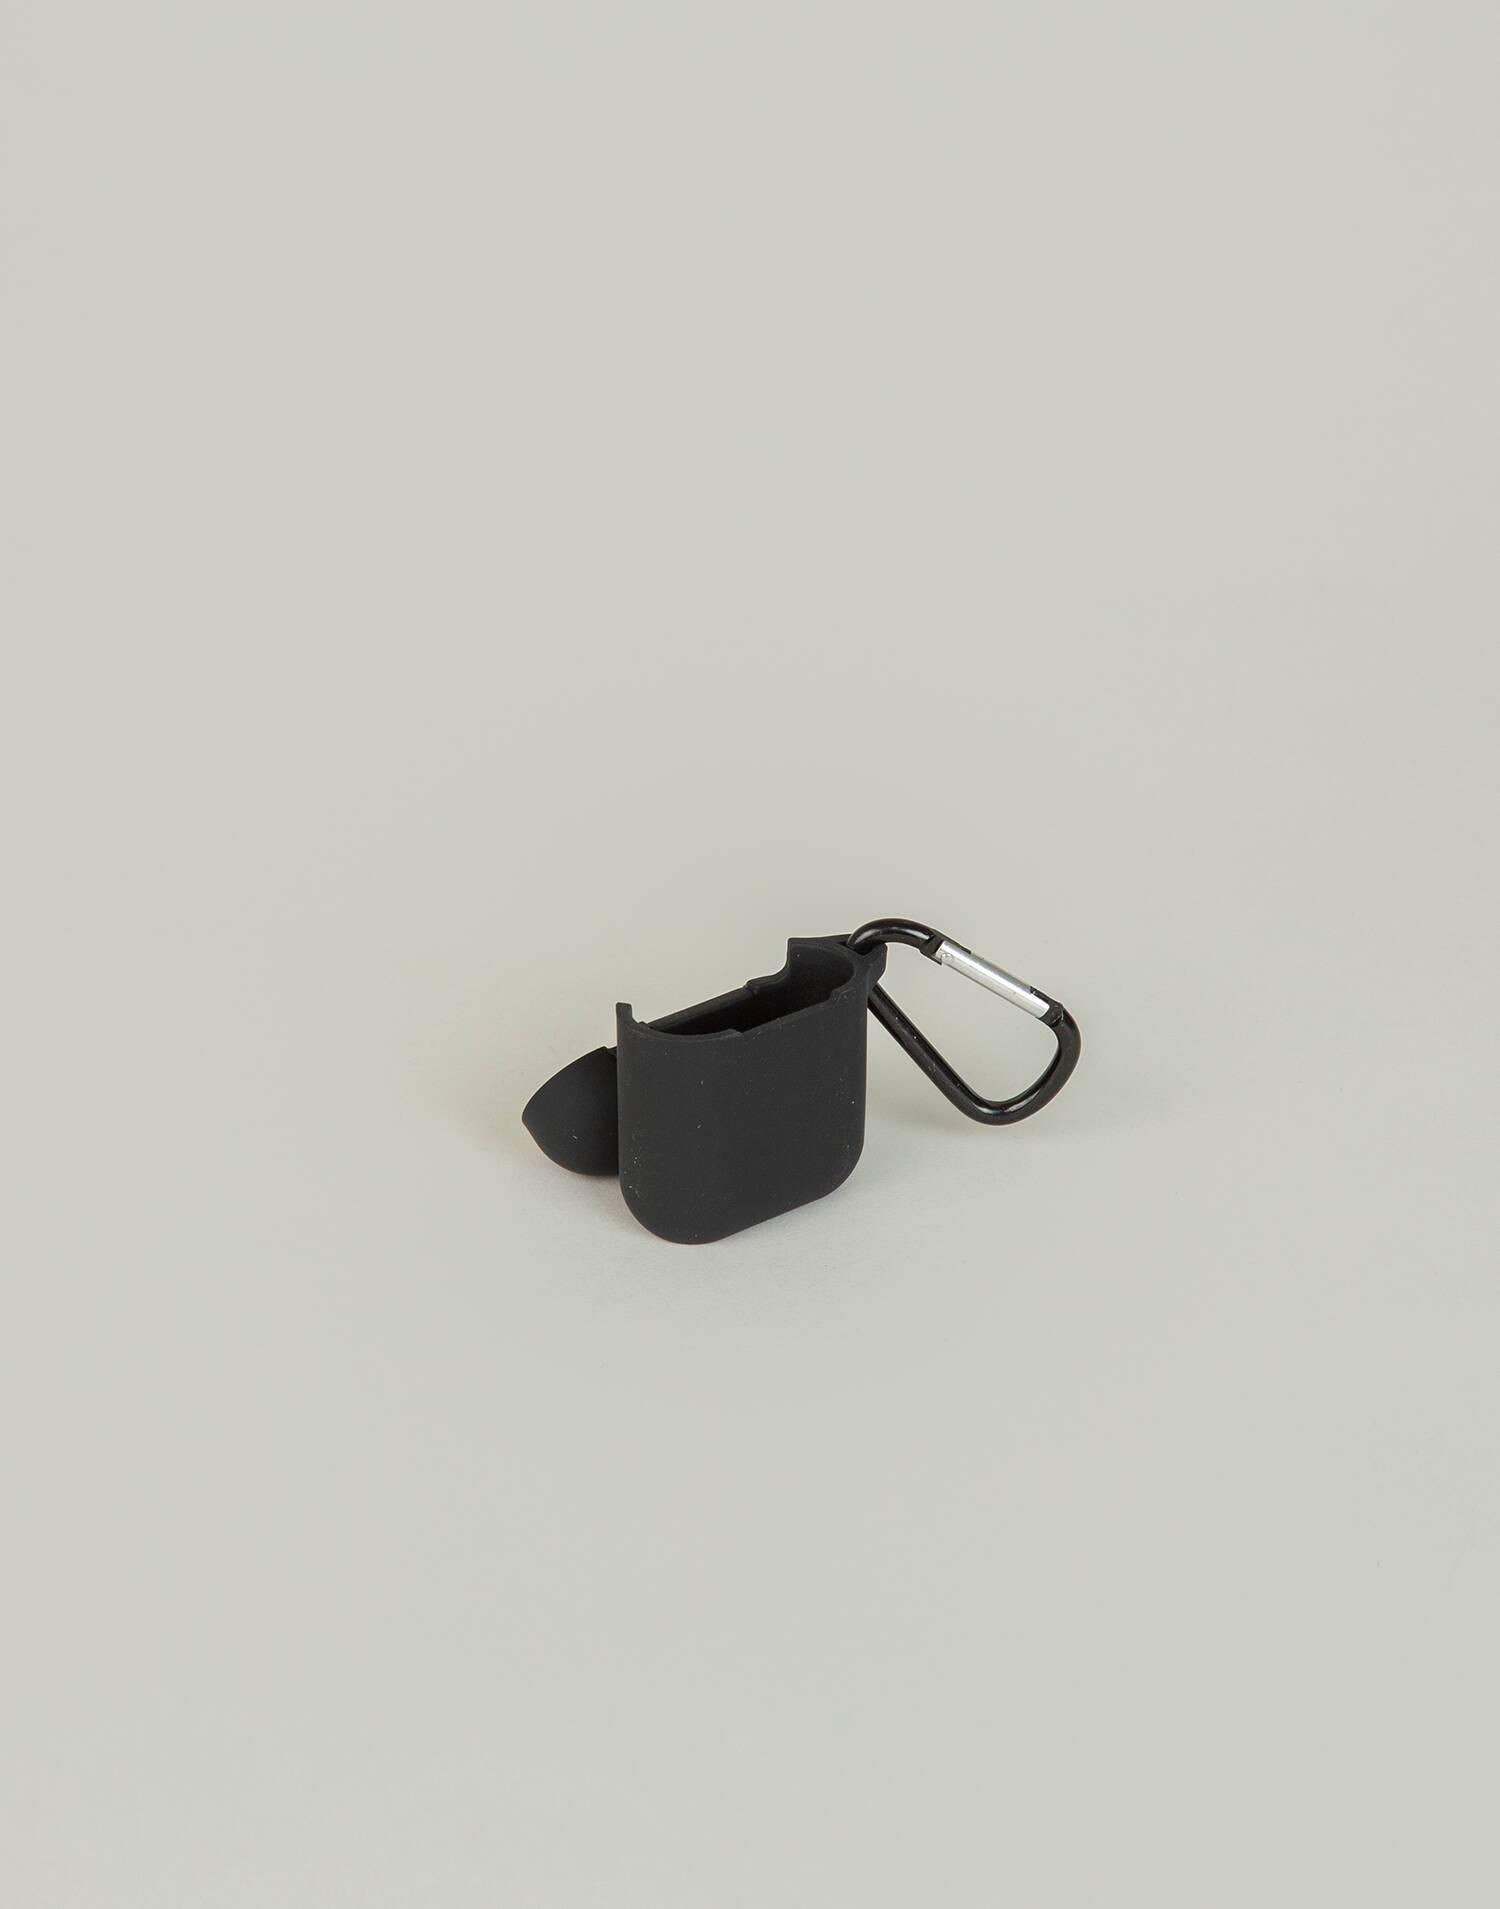 Funda silicona auriculares inalámbricos